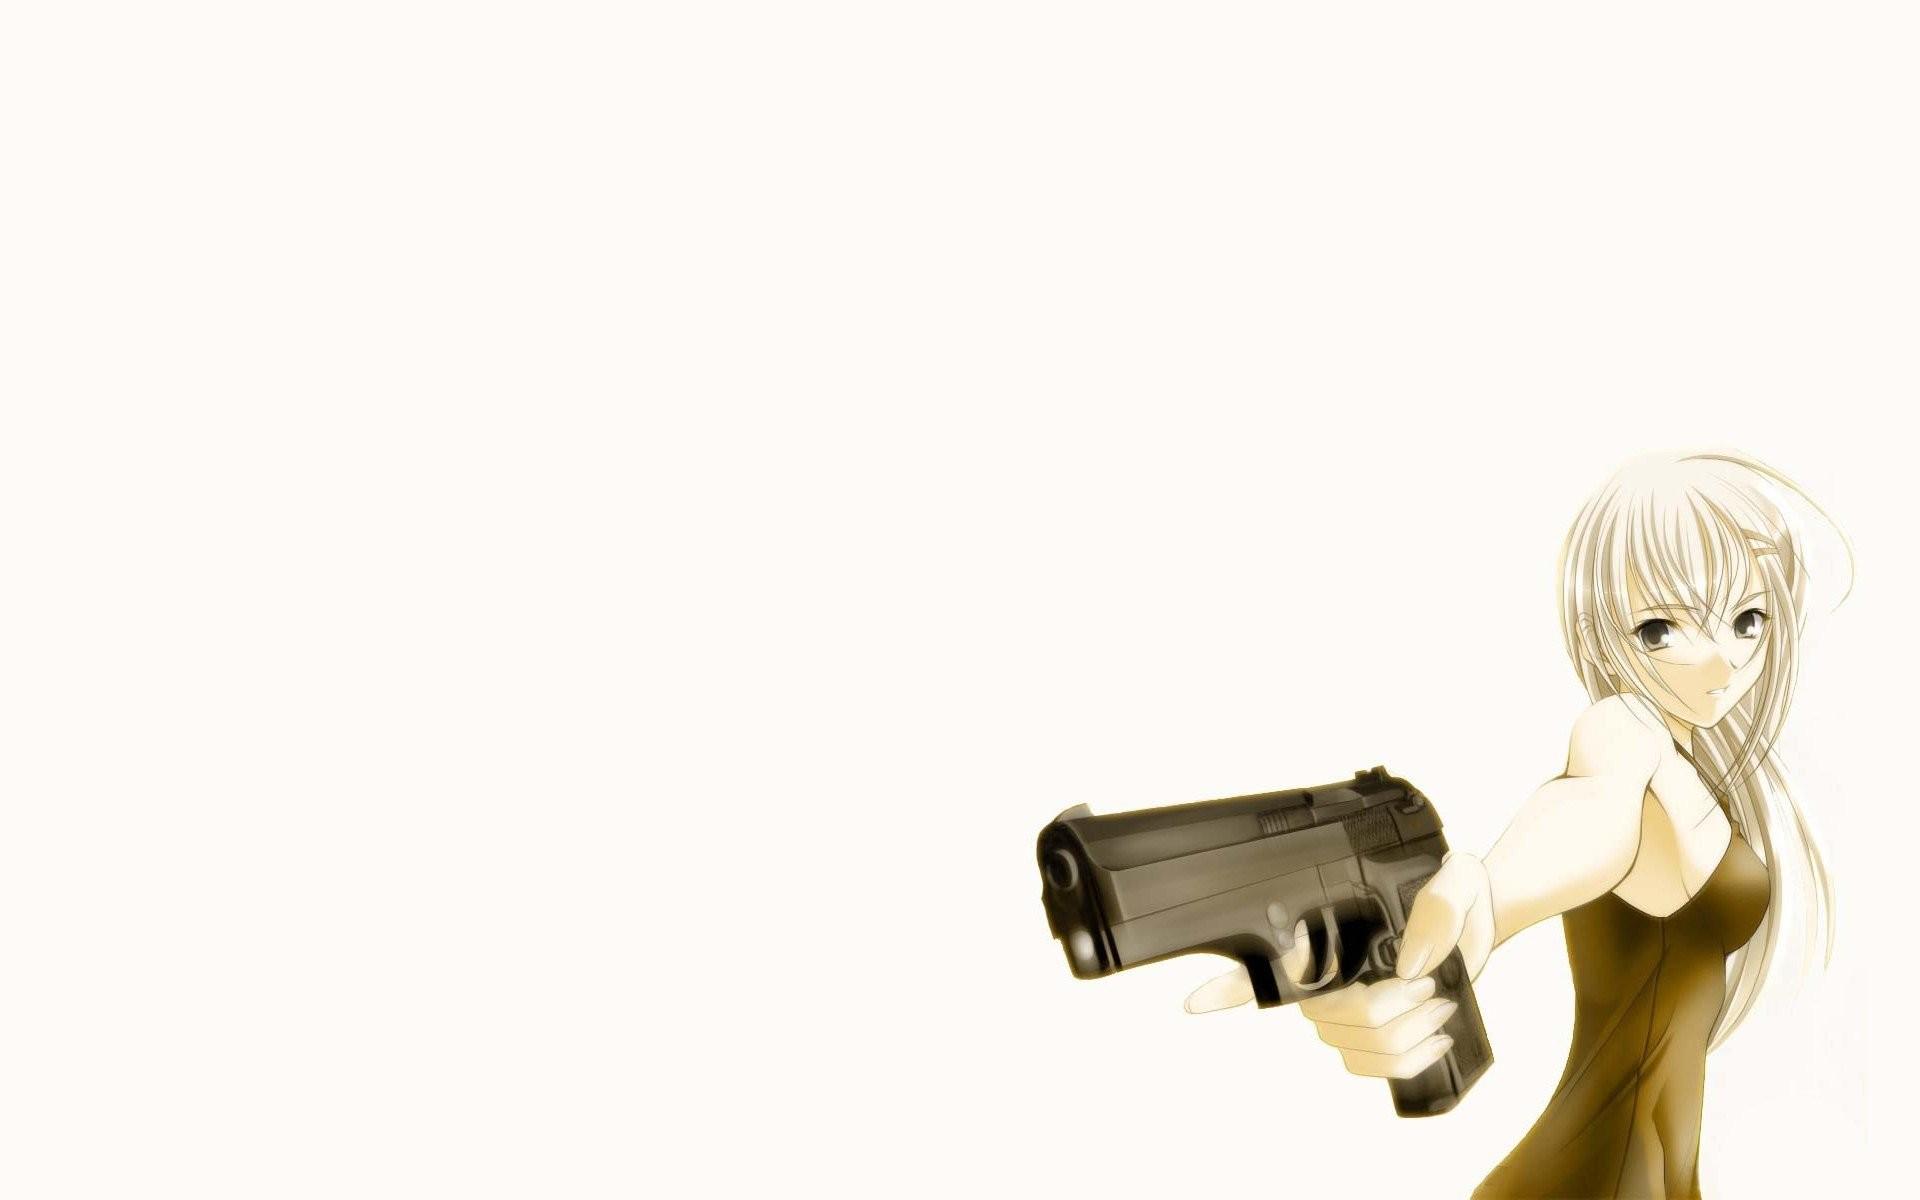 Anime Girl With Gun 689208